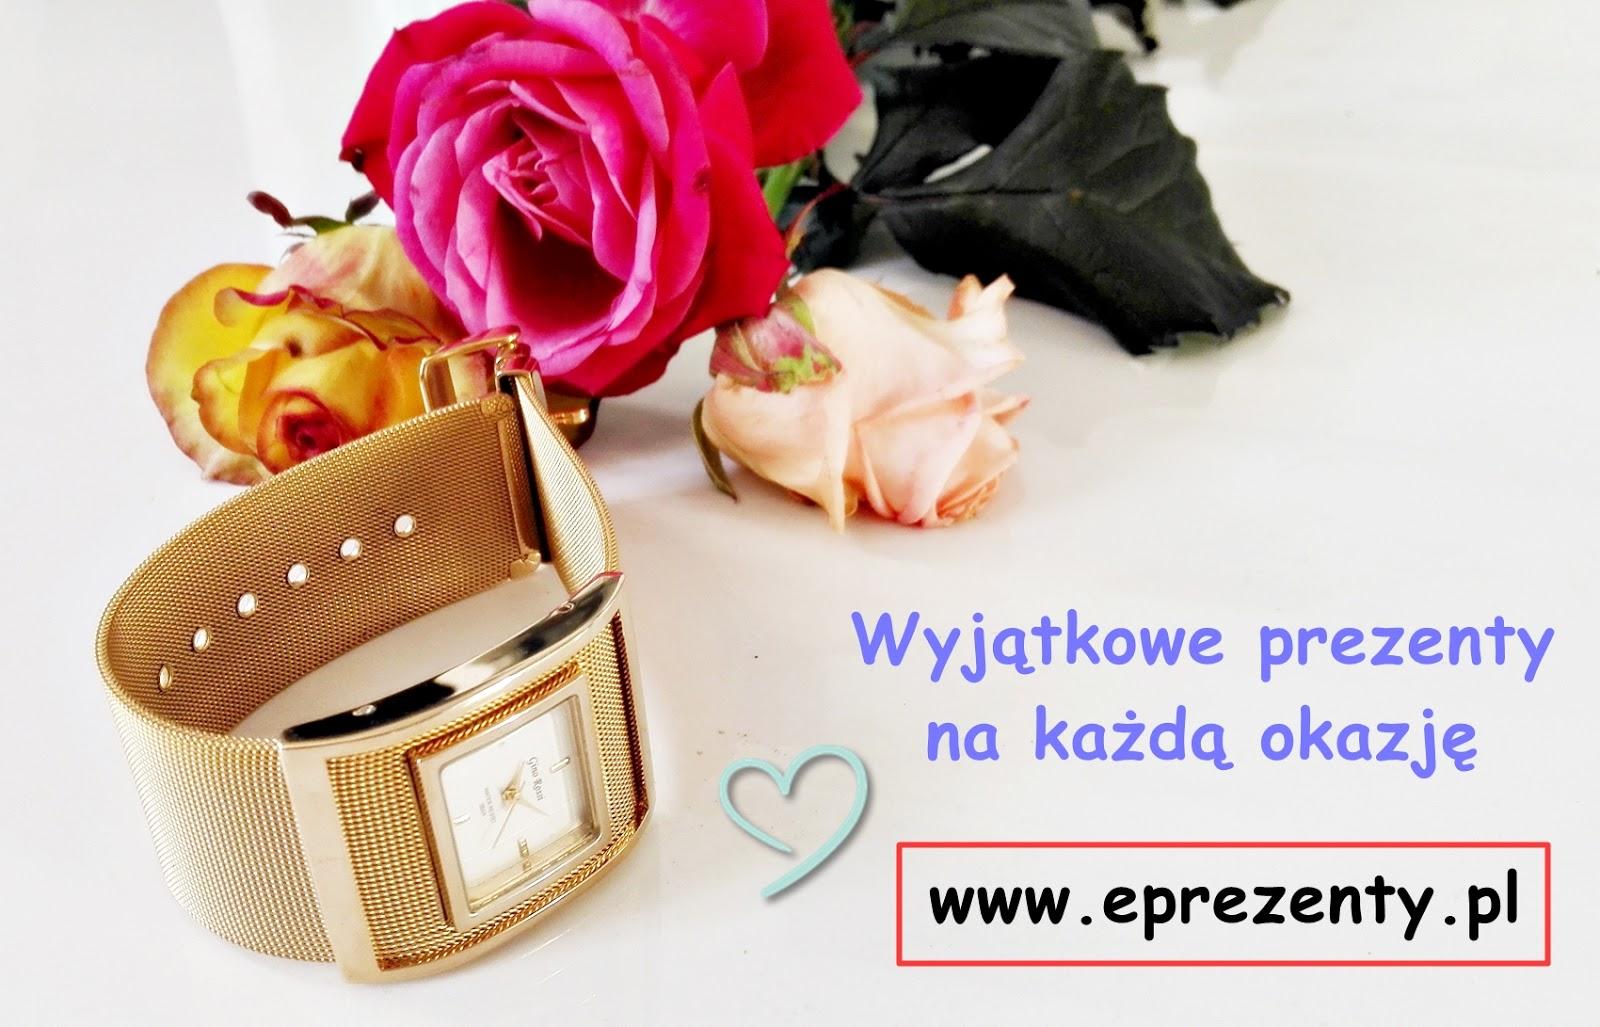 eprezenty_prezent-dla-niej